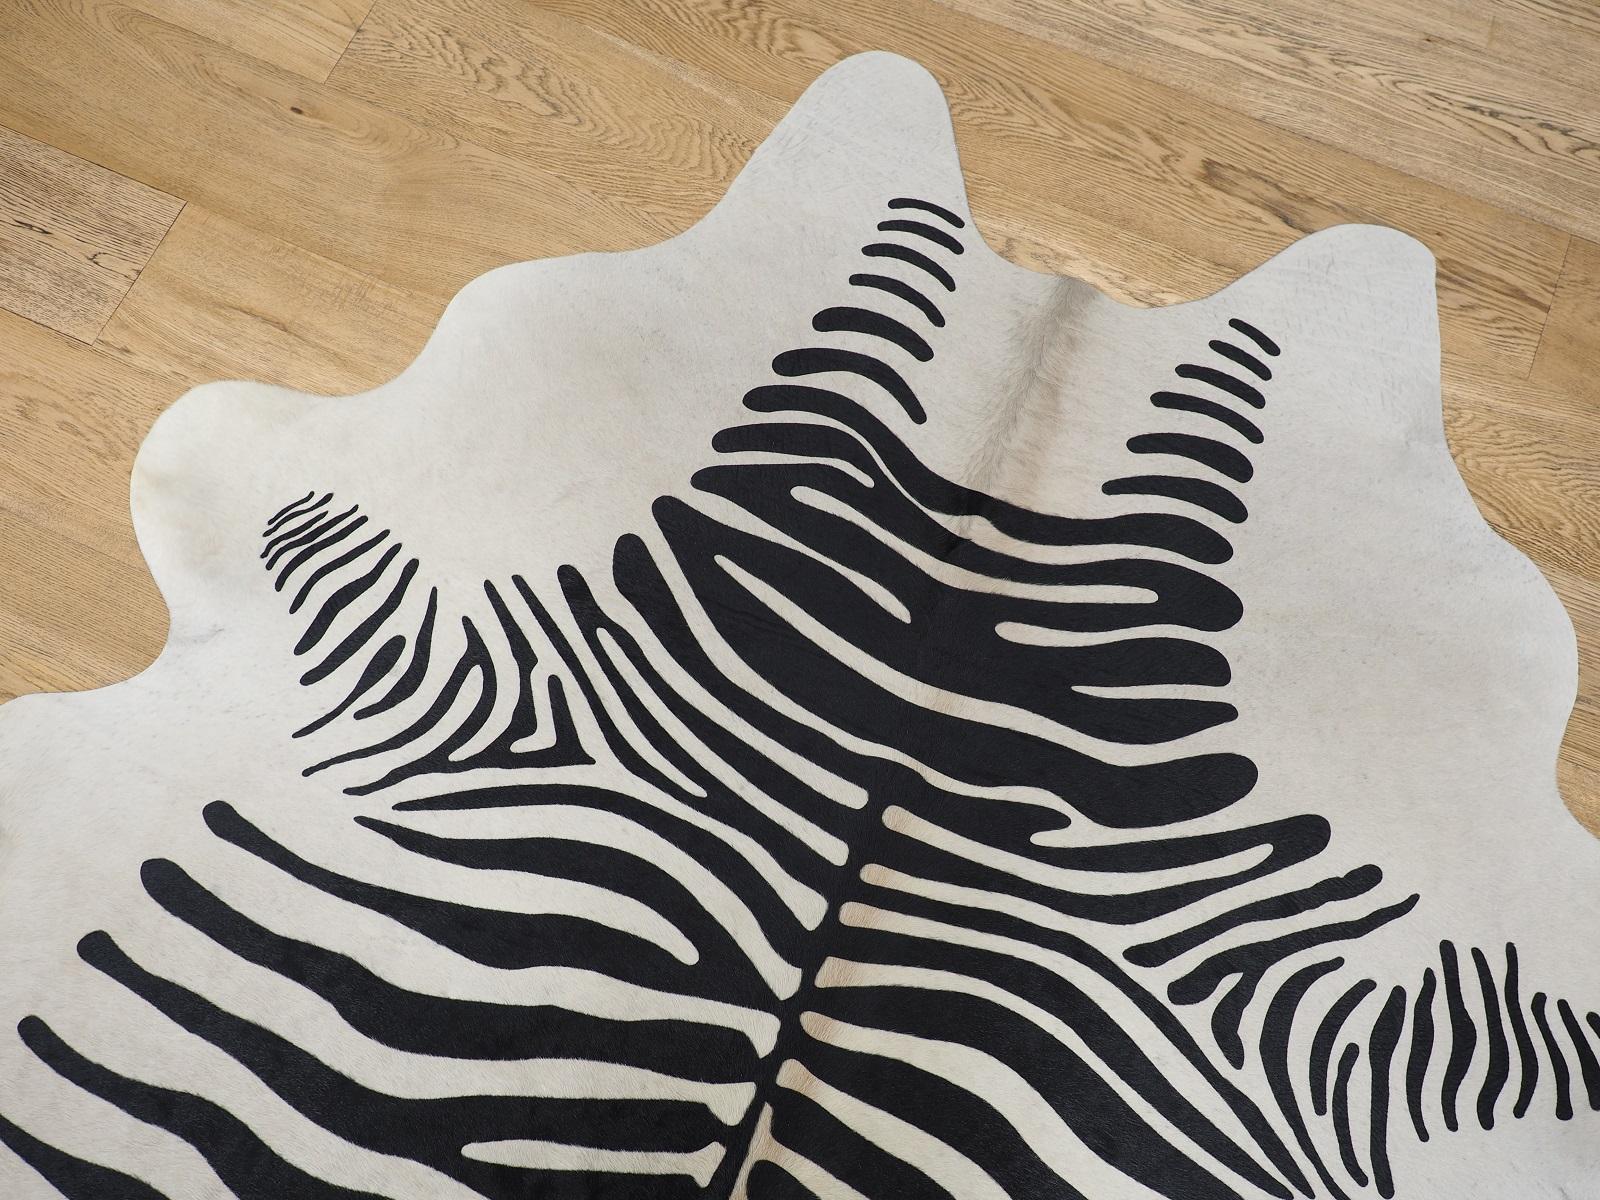 Декоративная шкура коровы под Зебру платиновая арт.: 26120